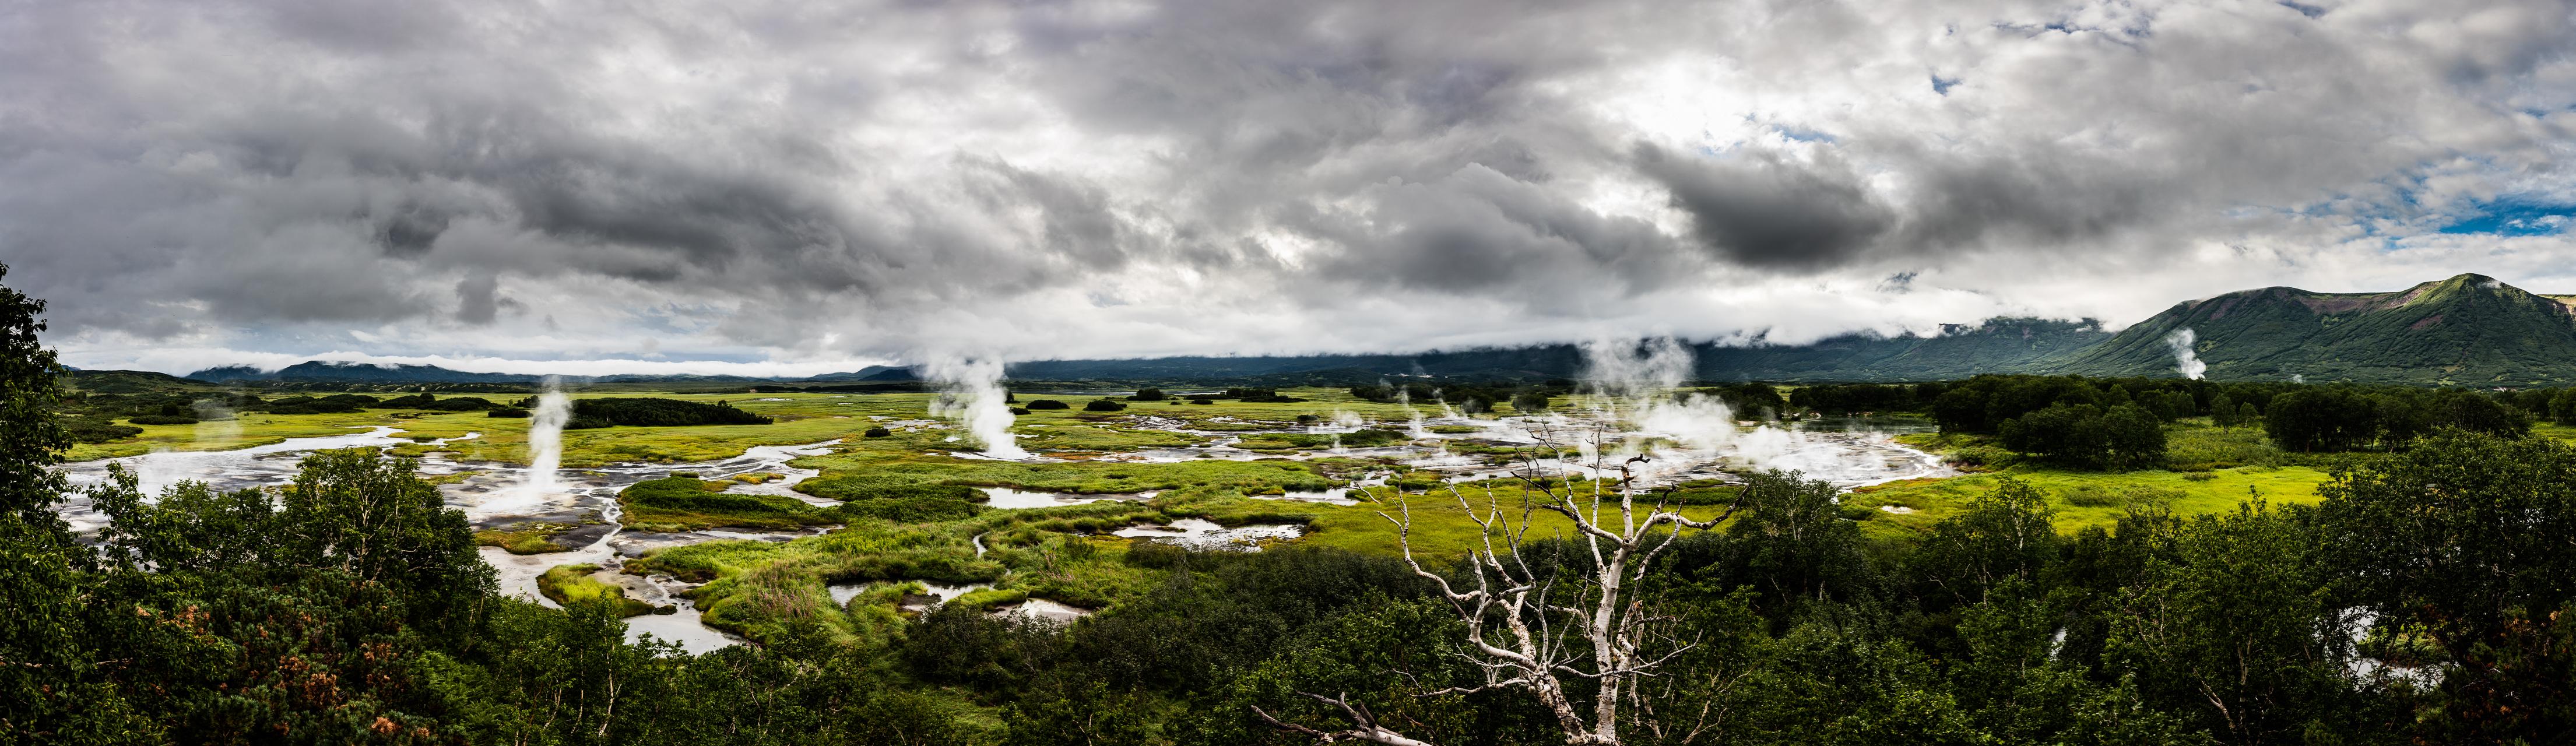 Uzon panorama